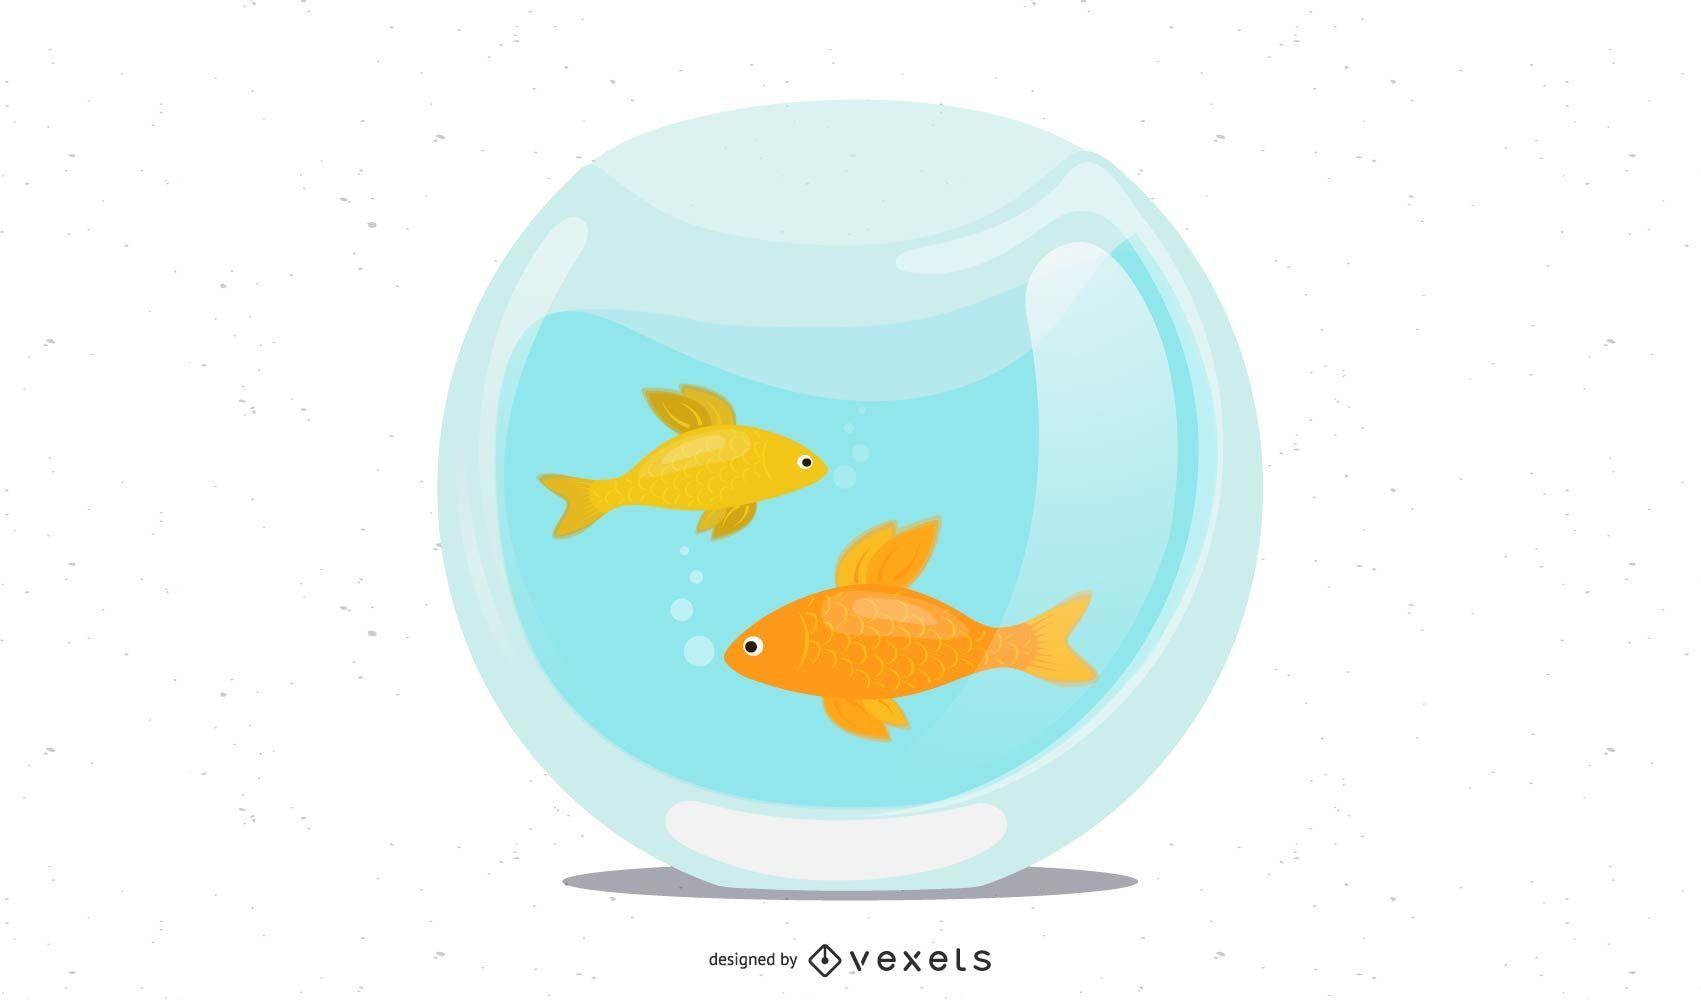 diseño de ilustración de peces de colores de pecera